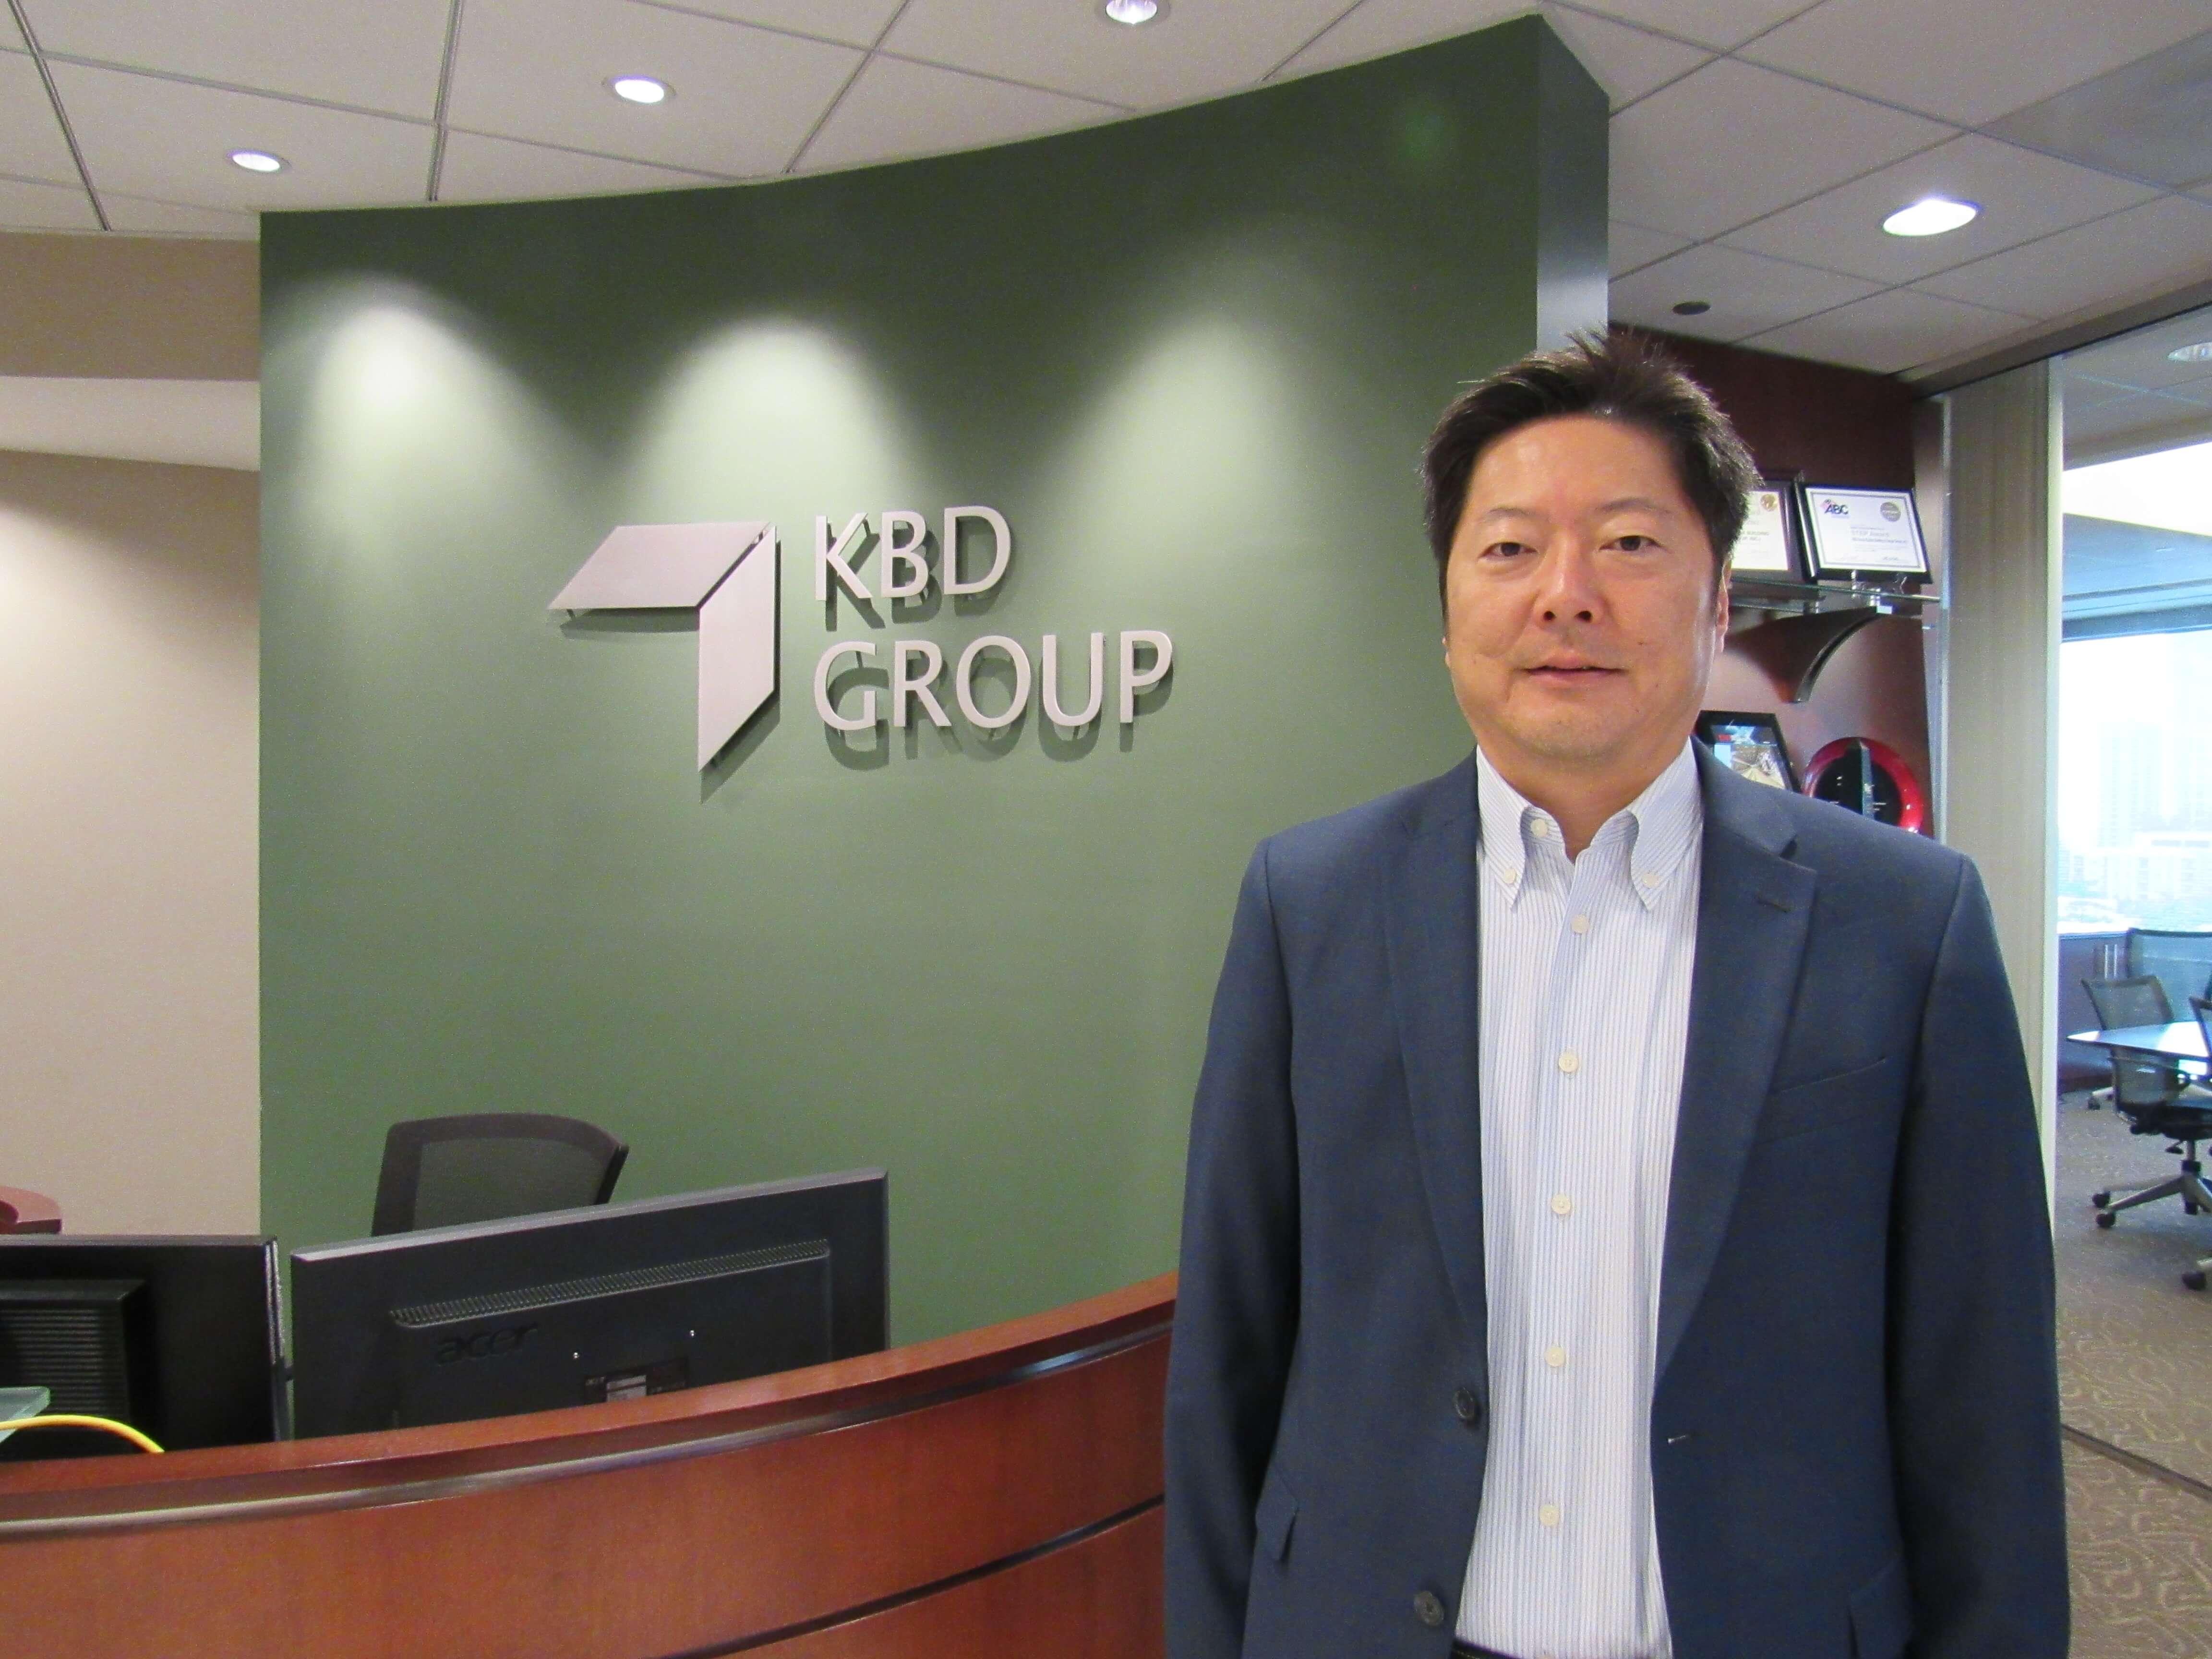 鹿島カルチャーを持つ人材が活躍 KBDグループ《鹿島ビルディング・アンド・デザイン・グループ》